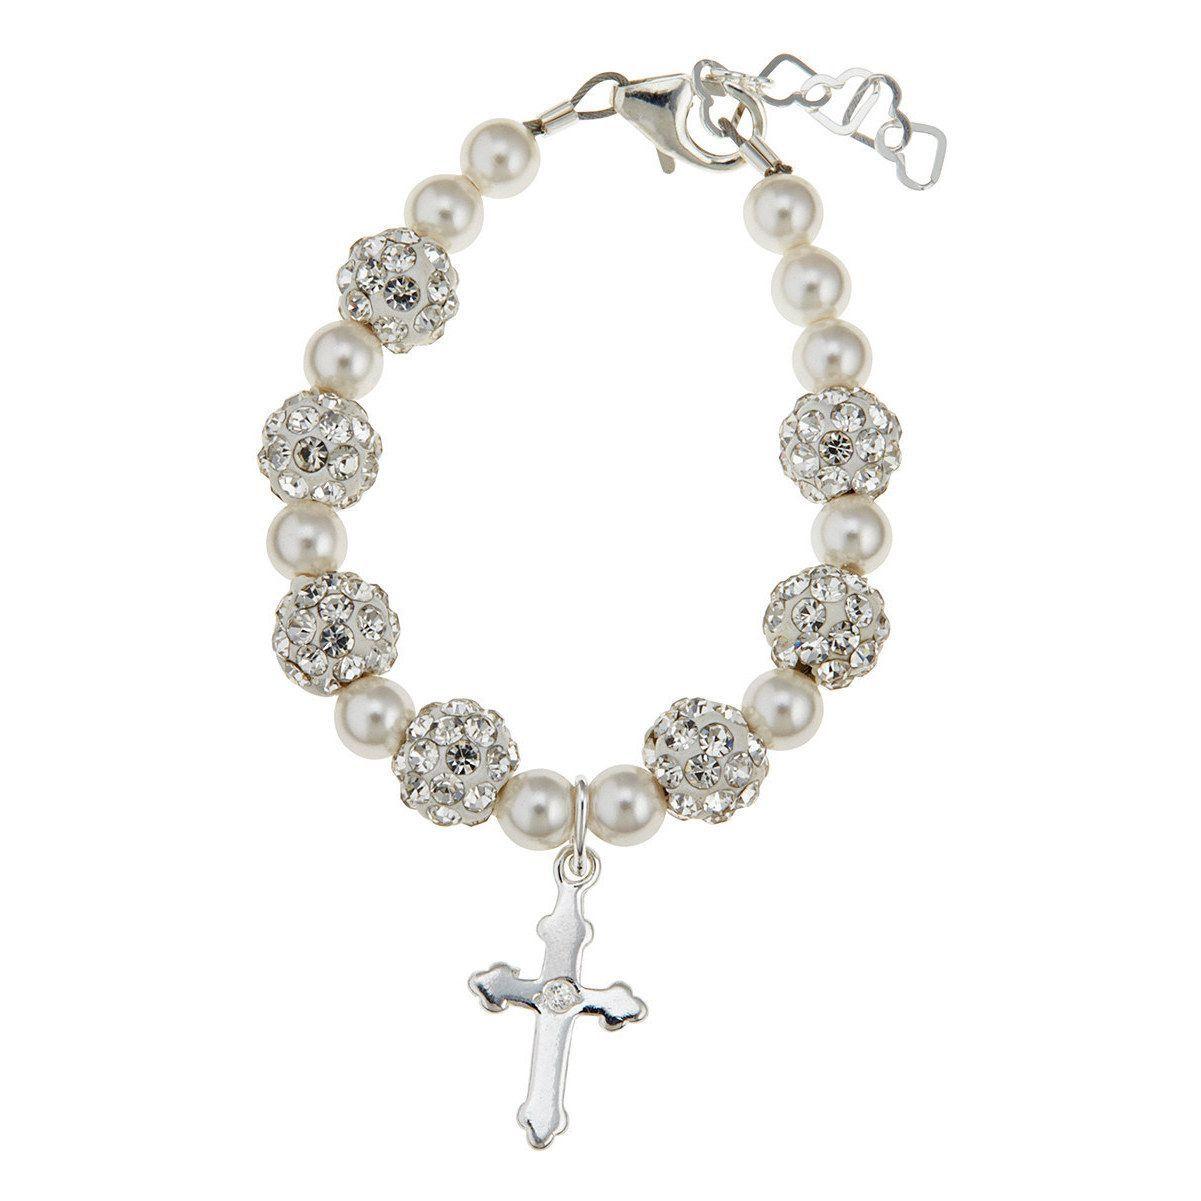 Luxury swarovski element christening cross baby bracelet size